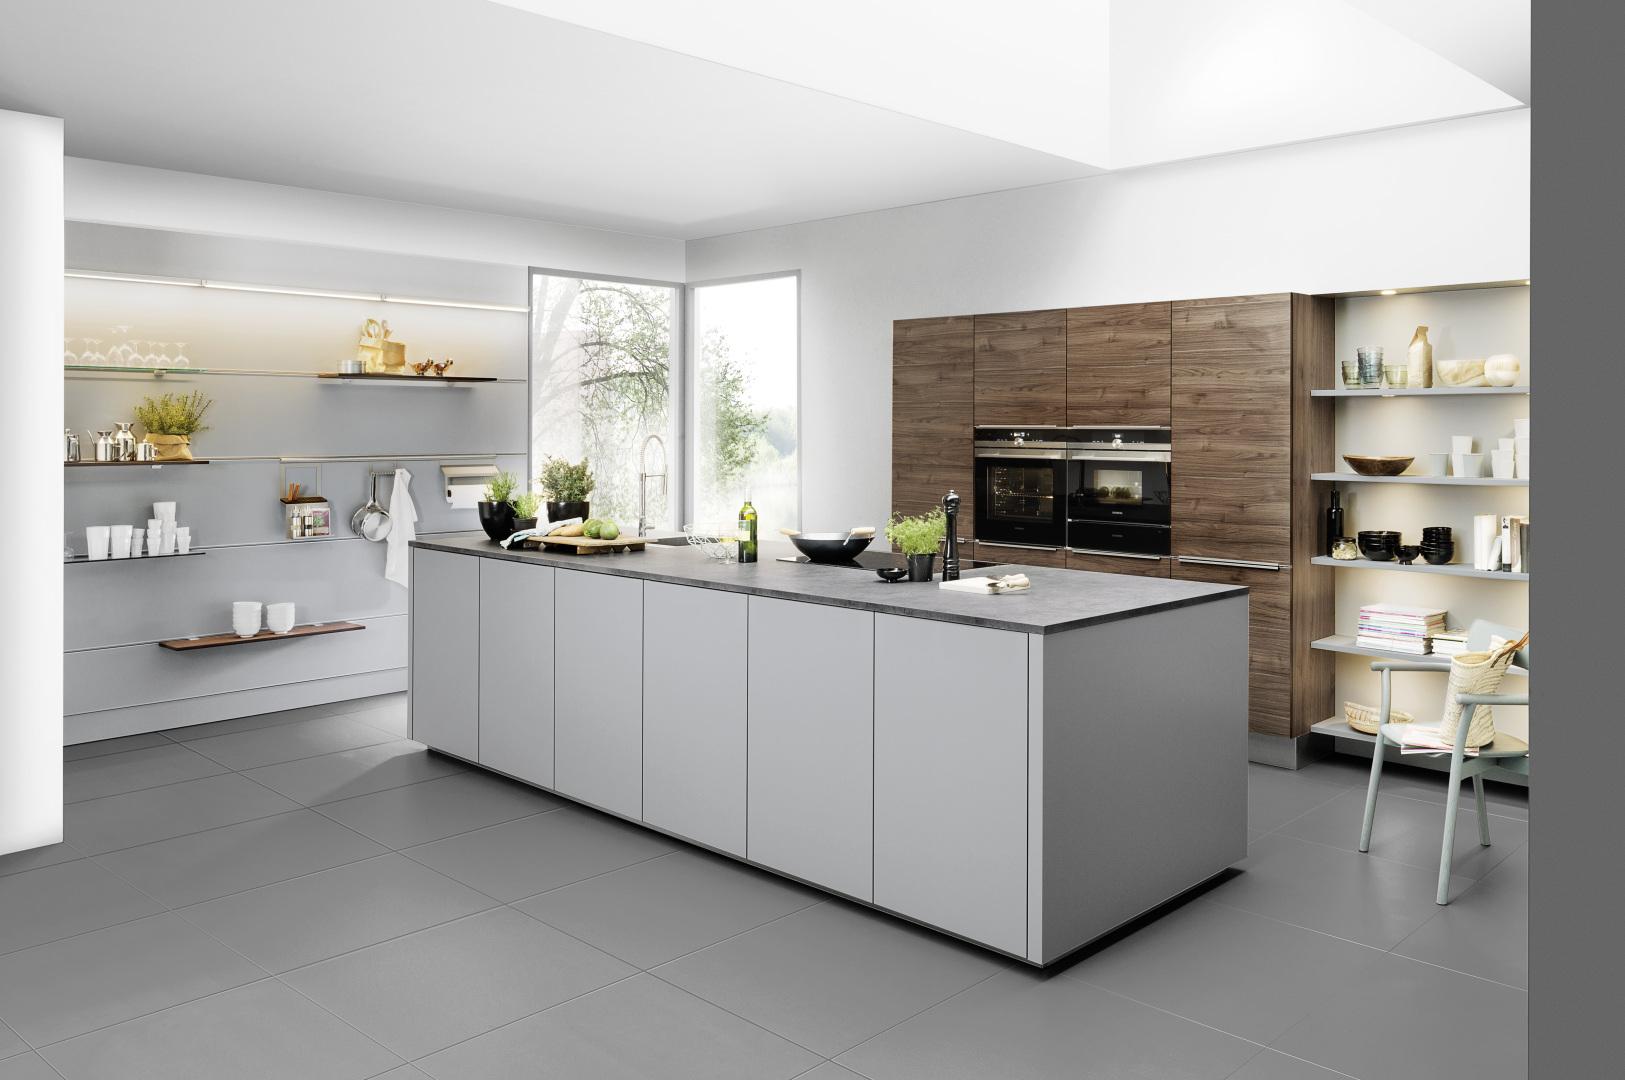 cuisine épurée design moderne contemporain avec îlot central